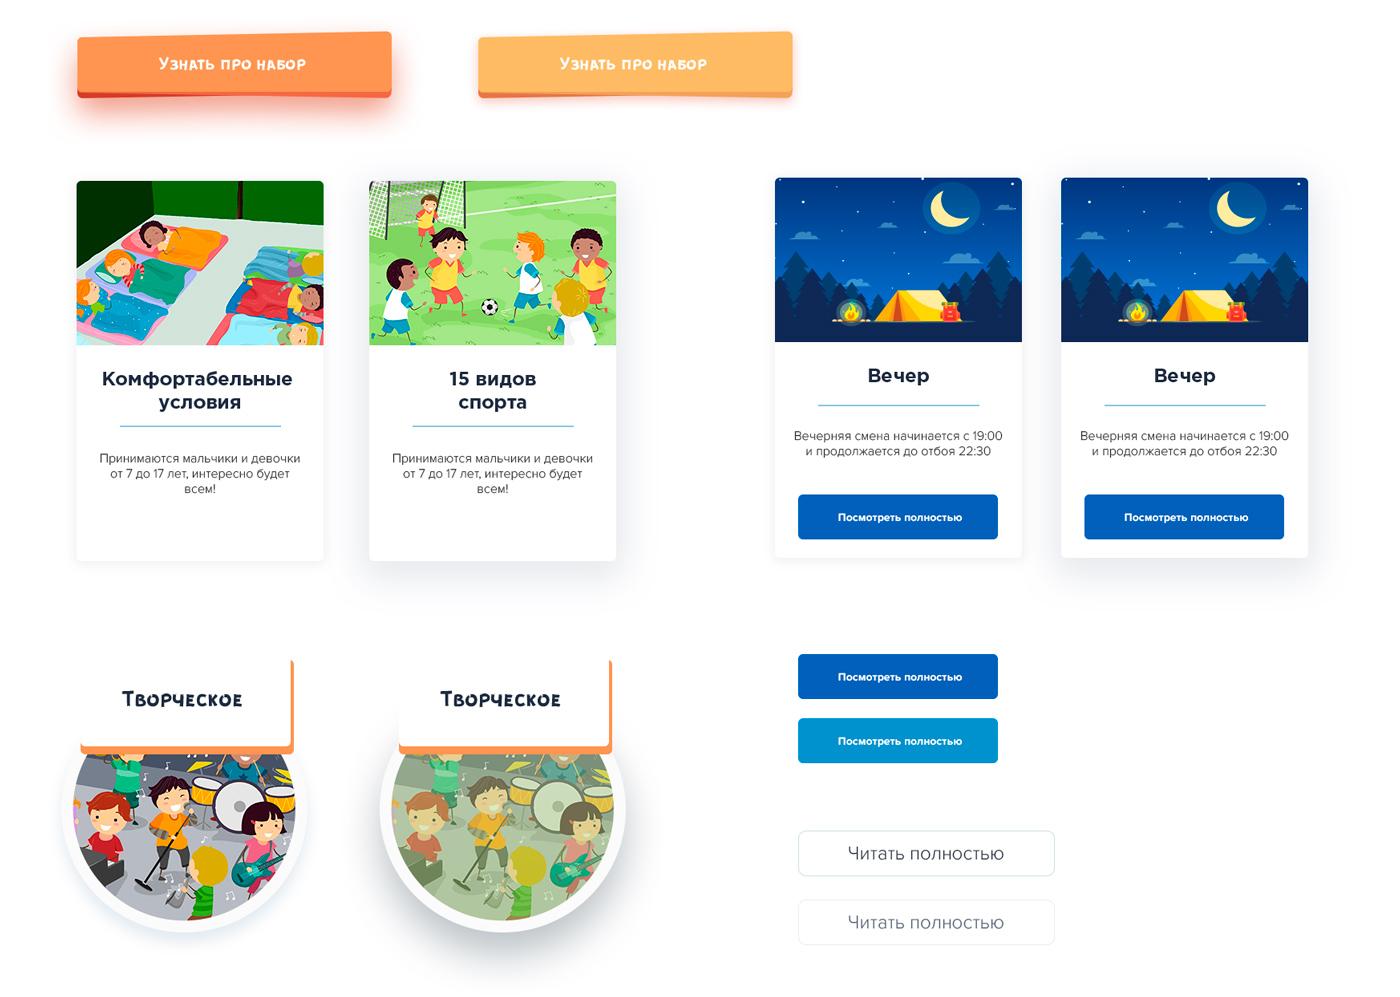 дизайн ui для детского сайта